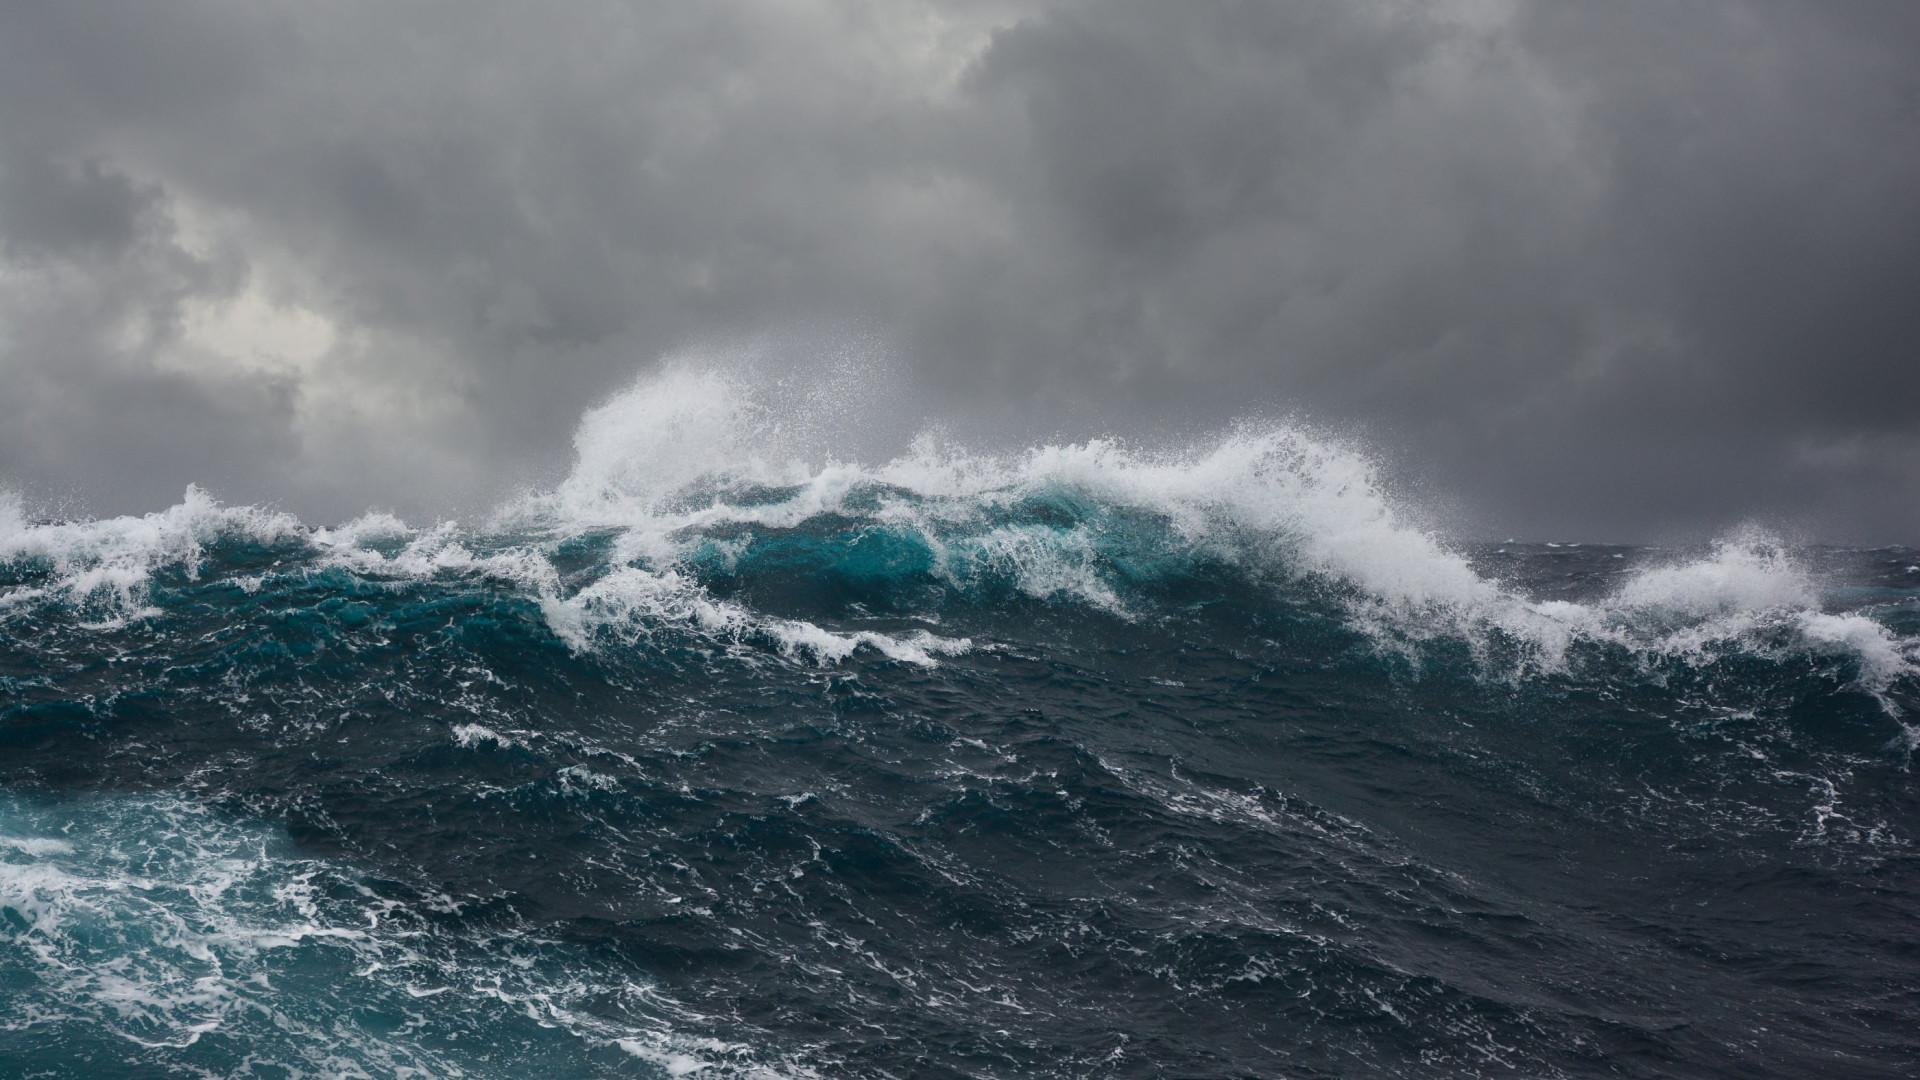 Pelo menos 13 mortos em naufrágio na costa da Indonésia